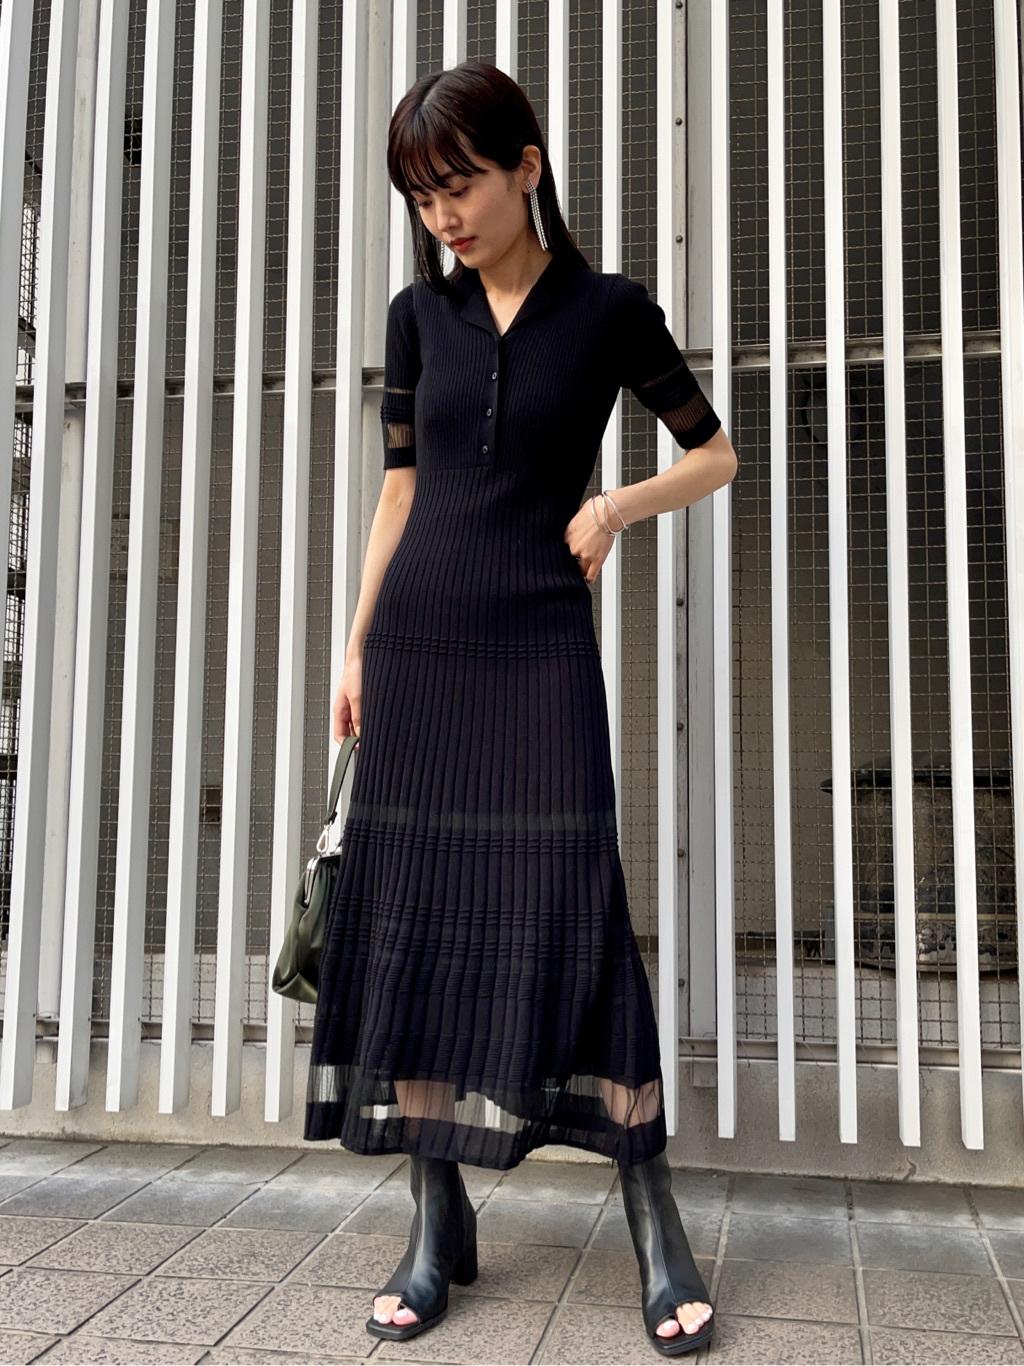 透視條紋針織連身裙